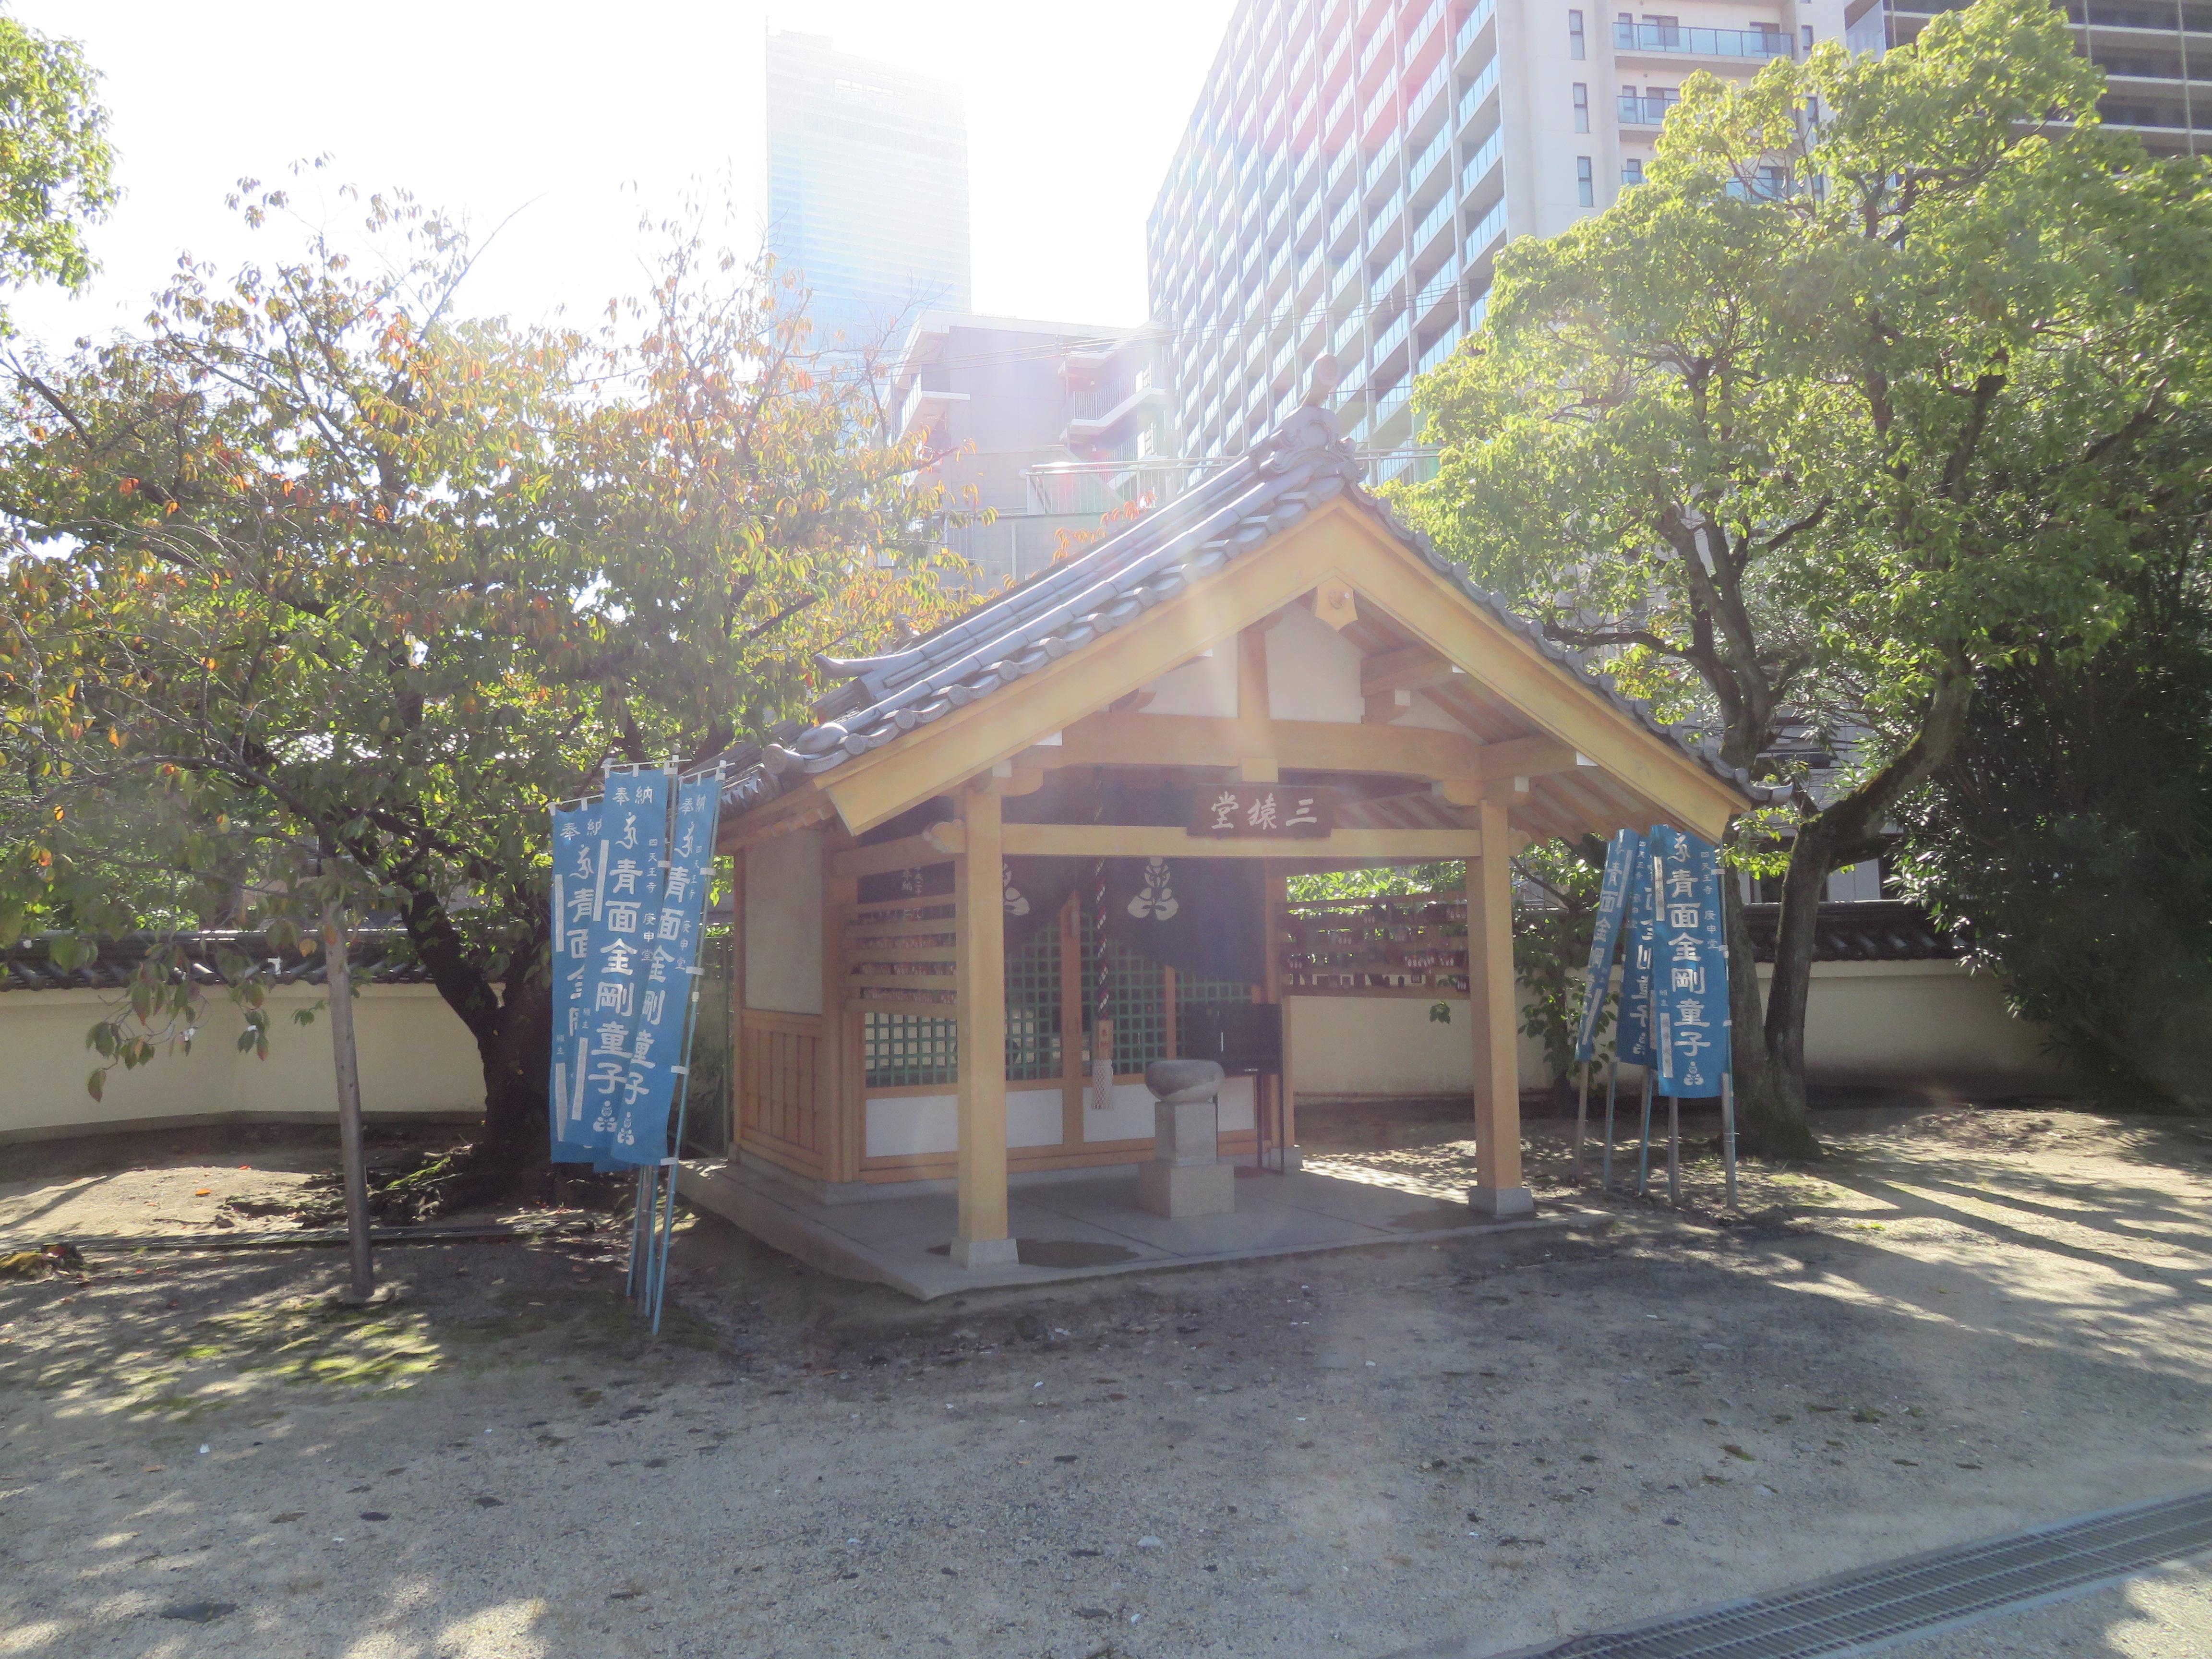 四天王寺庚申堂の建物その他